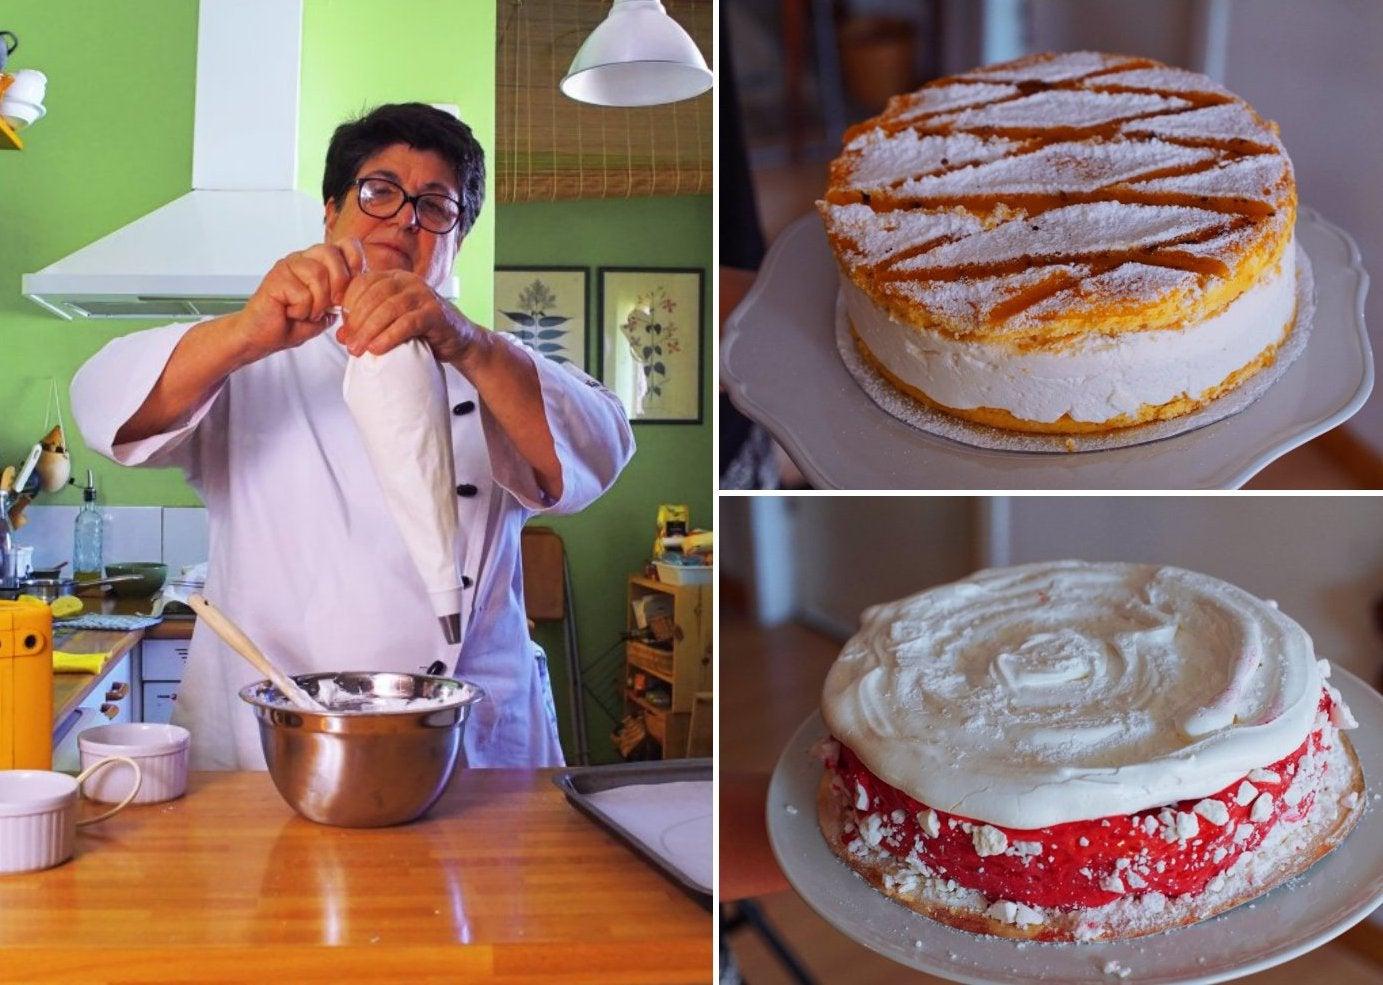 Recetas de tartas heladas (apertura)